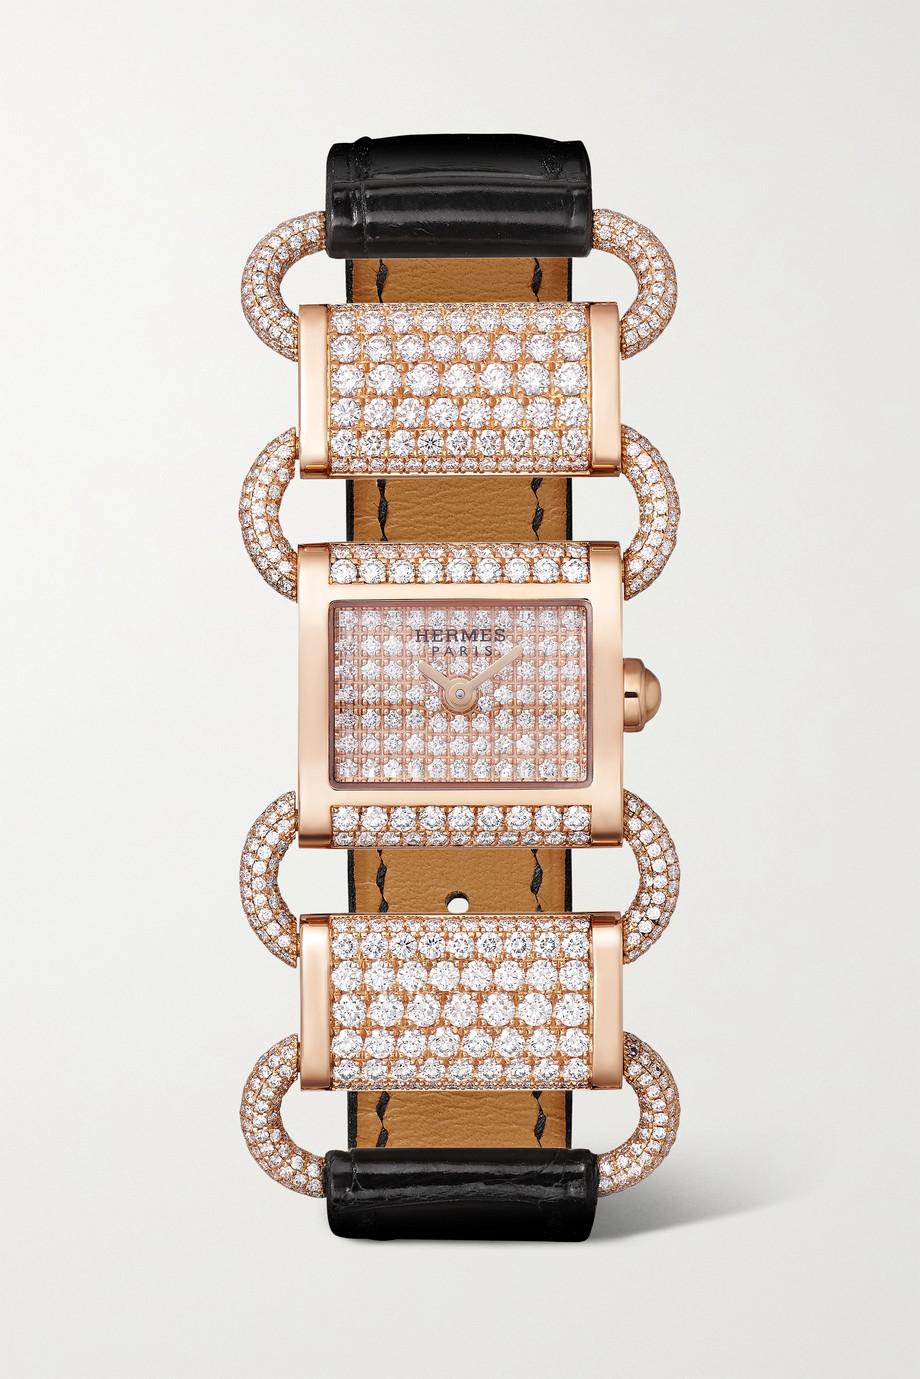 Hermès Timepieces Klikti 17 mm sehr kleine Uhr aus 18 Karat Roségold mit Diamanten und Alligatorlederarmband